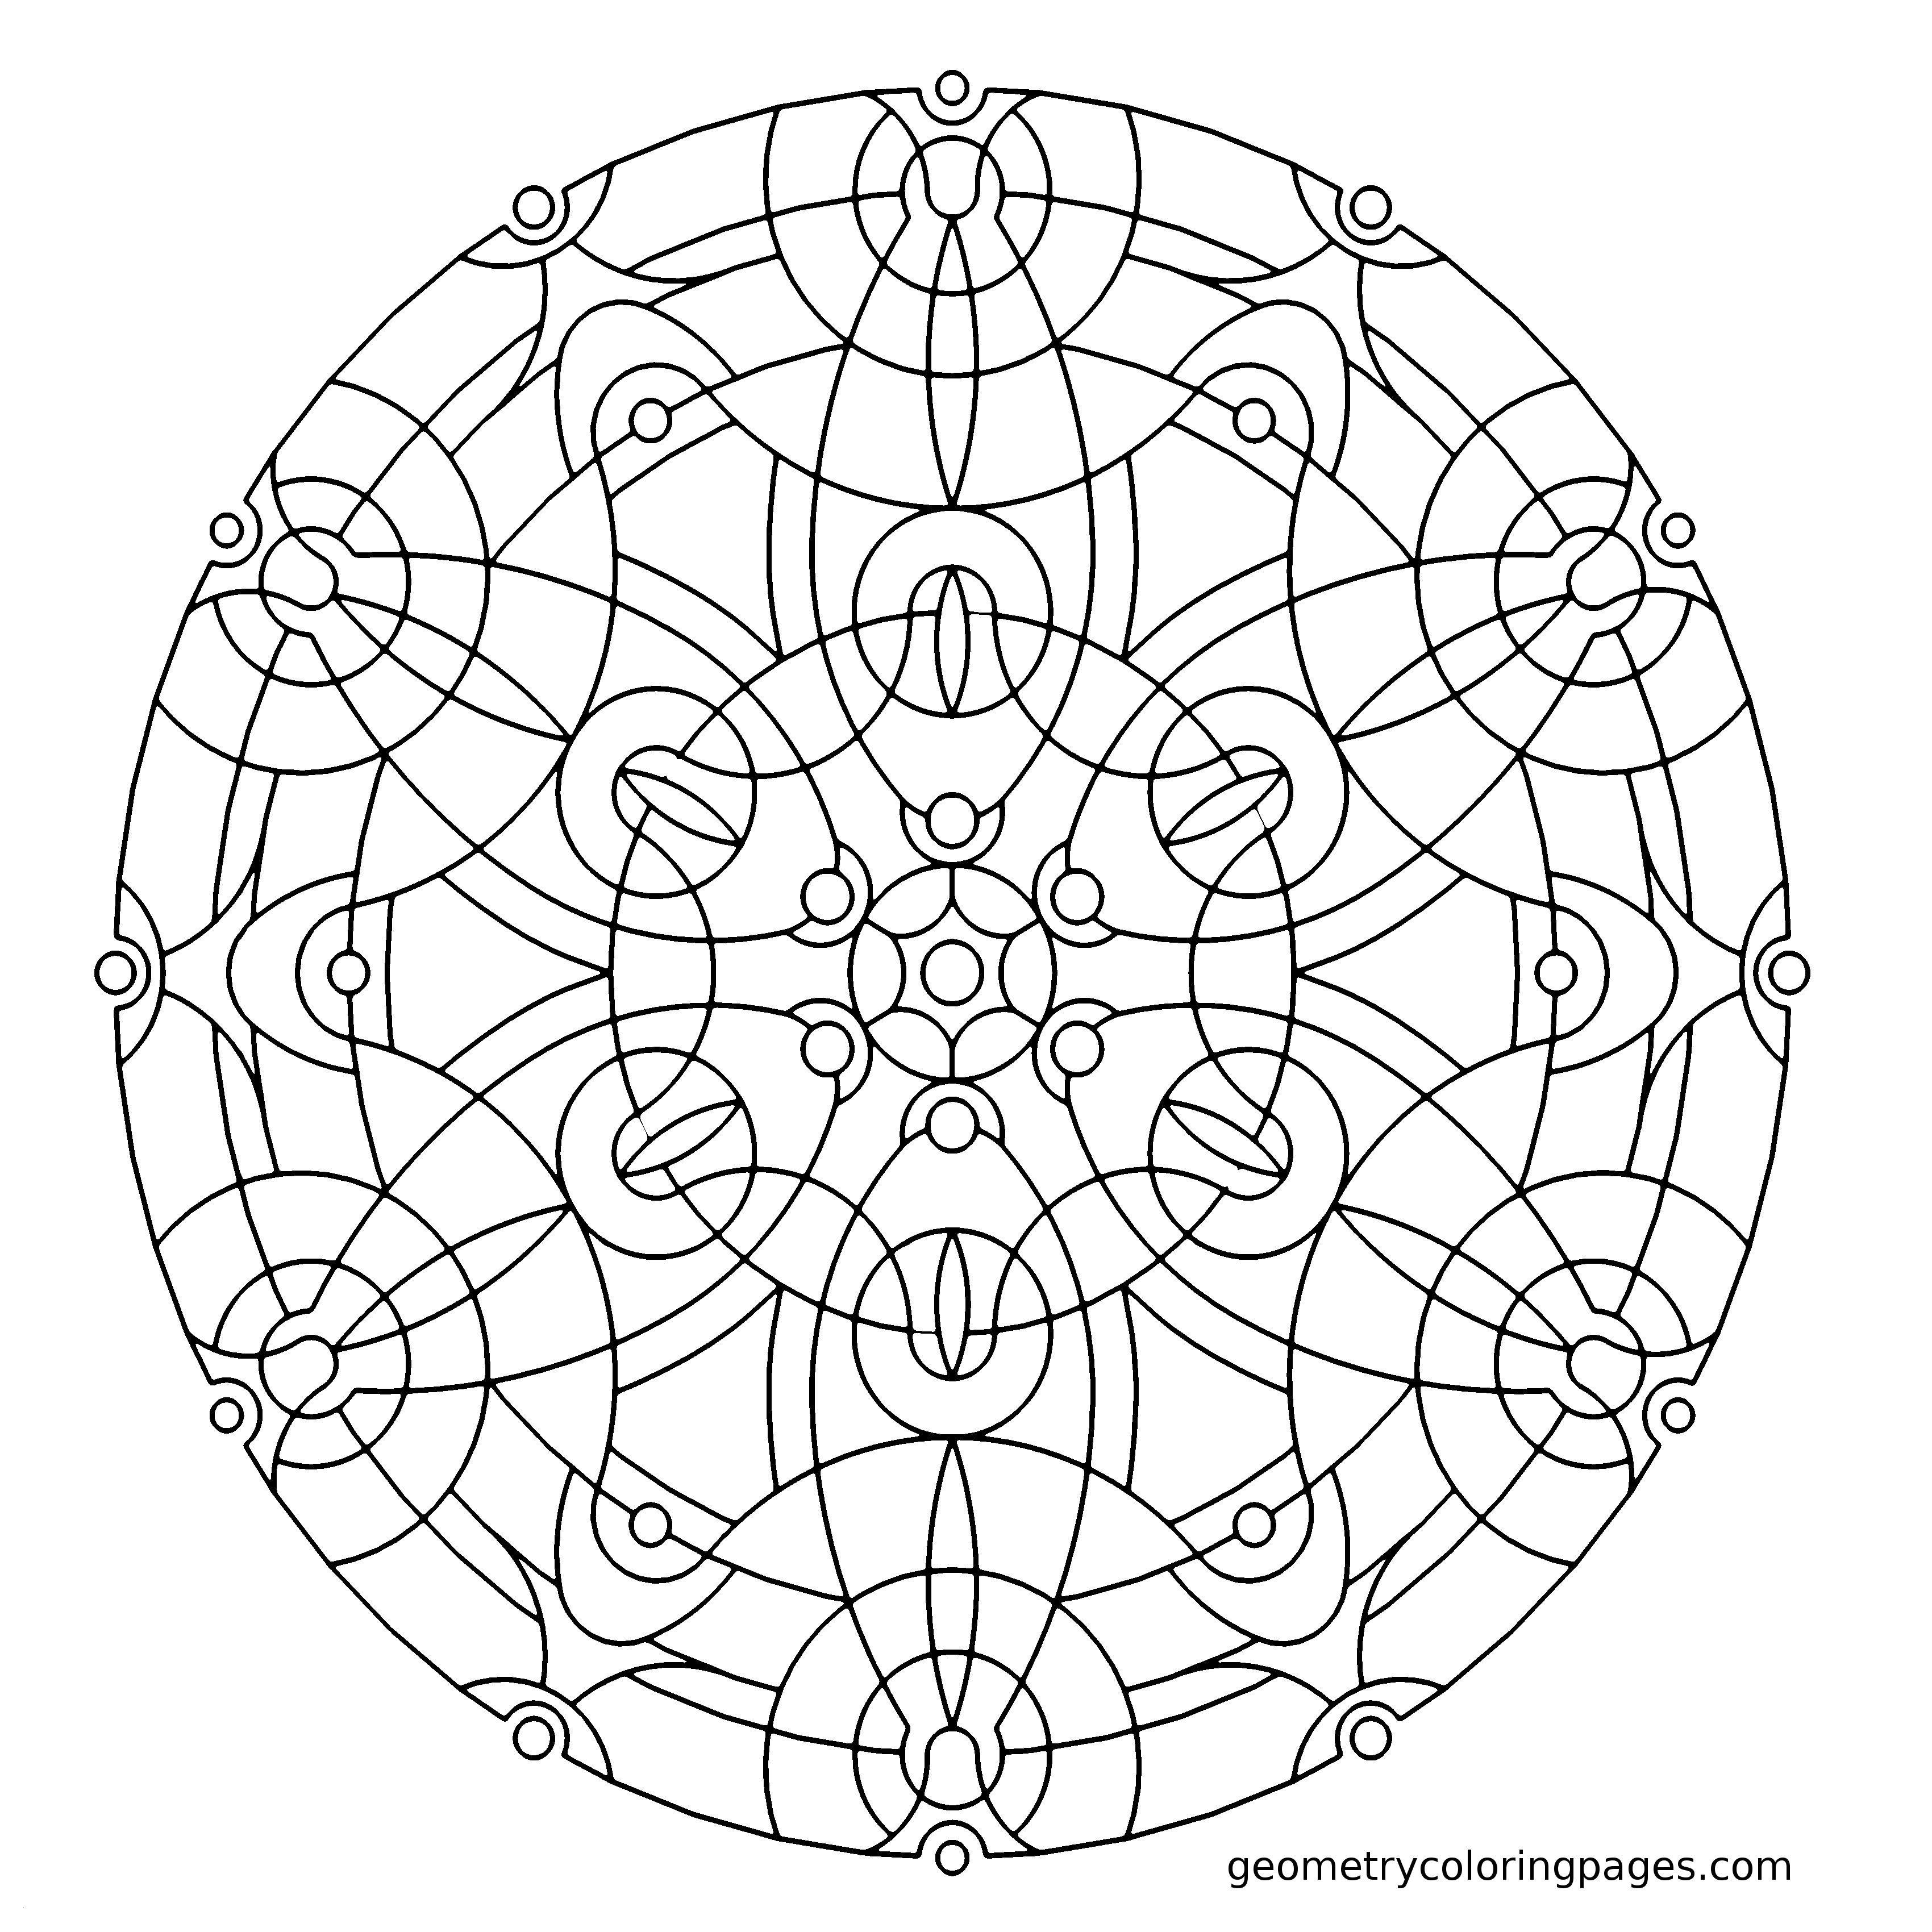 Ausmalbilder Erwachsene Fantasy Inspirierend Coloring Page Mystery Coloring Mandalas Schön Ausmalbilder Bild